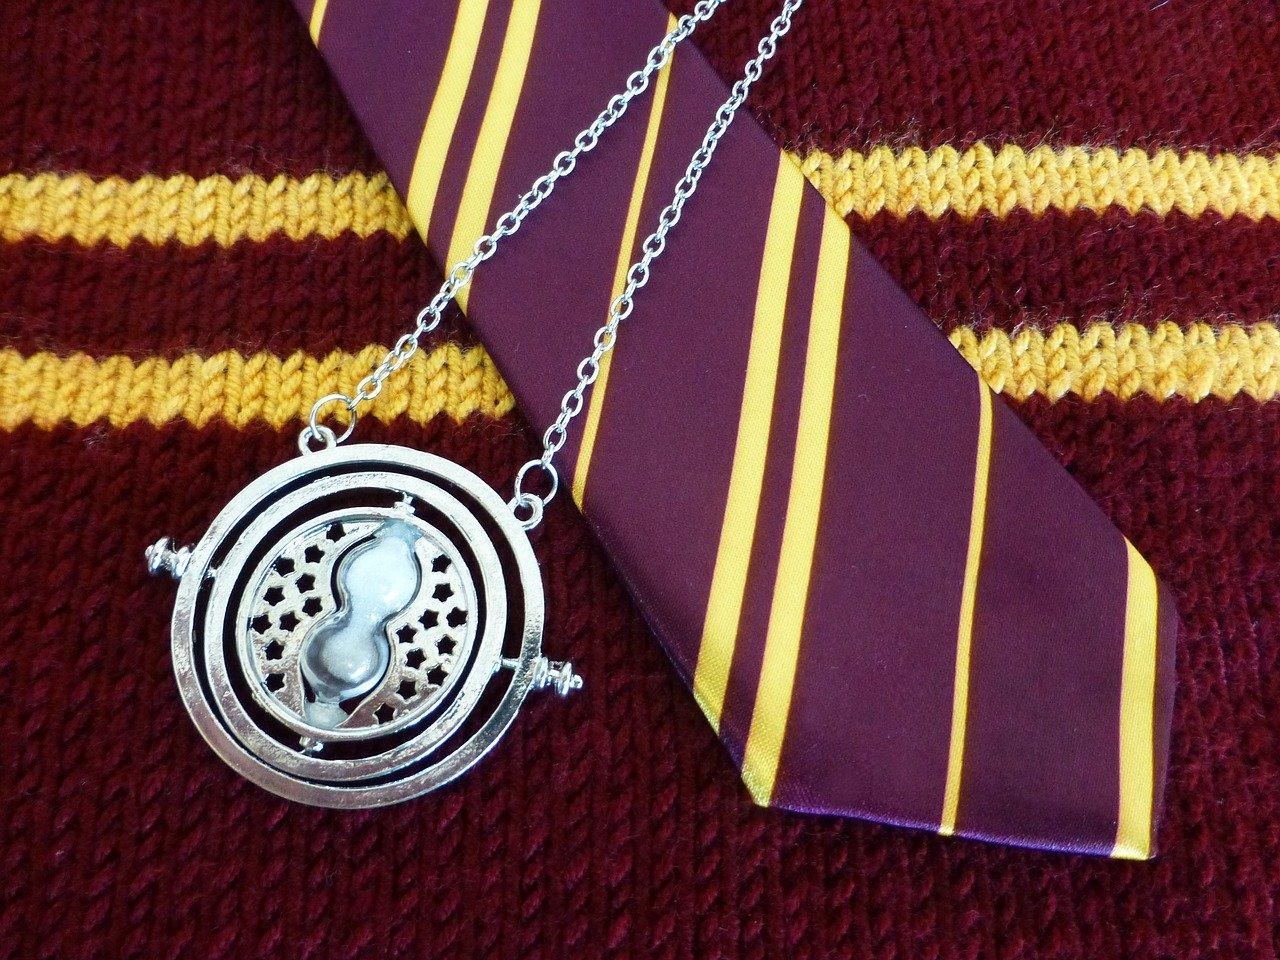 Une image représentant un pull et une cravate de Harry potter